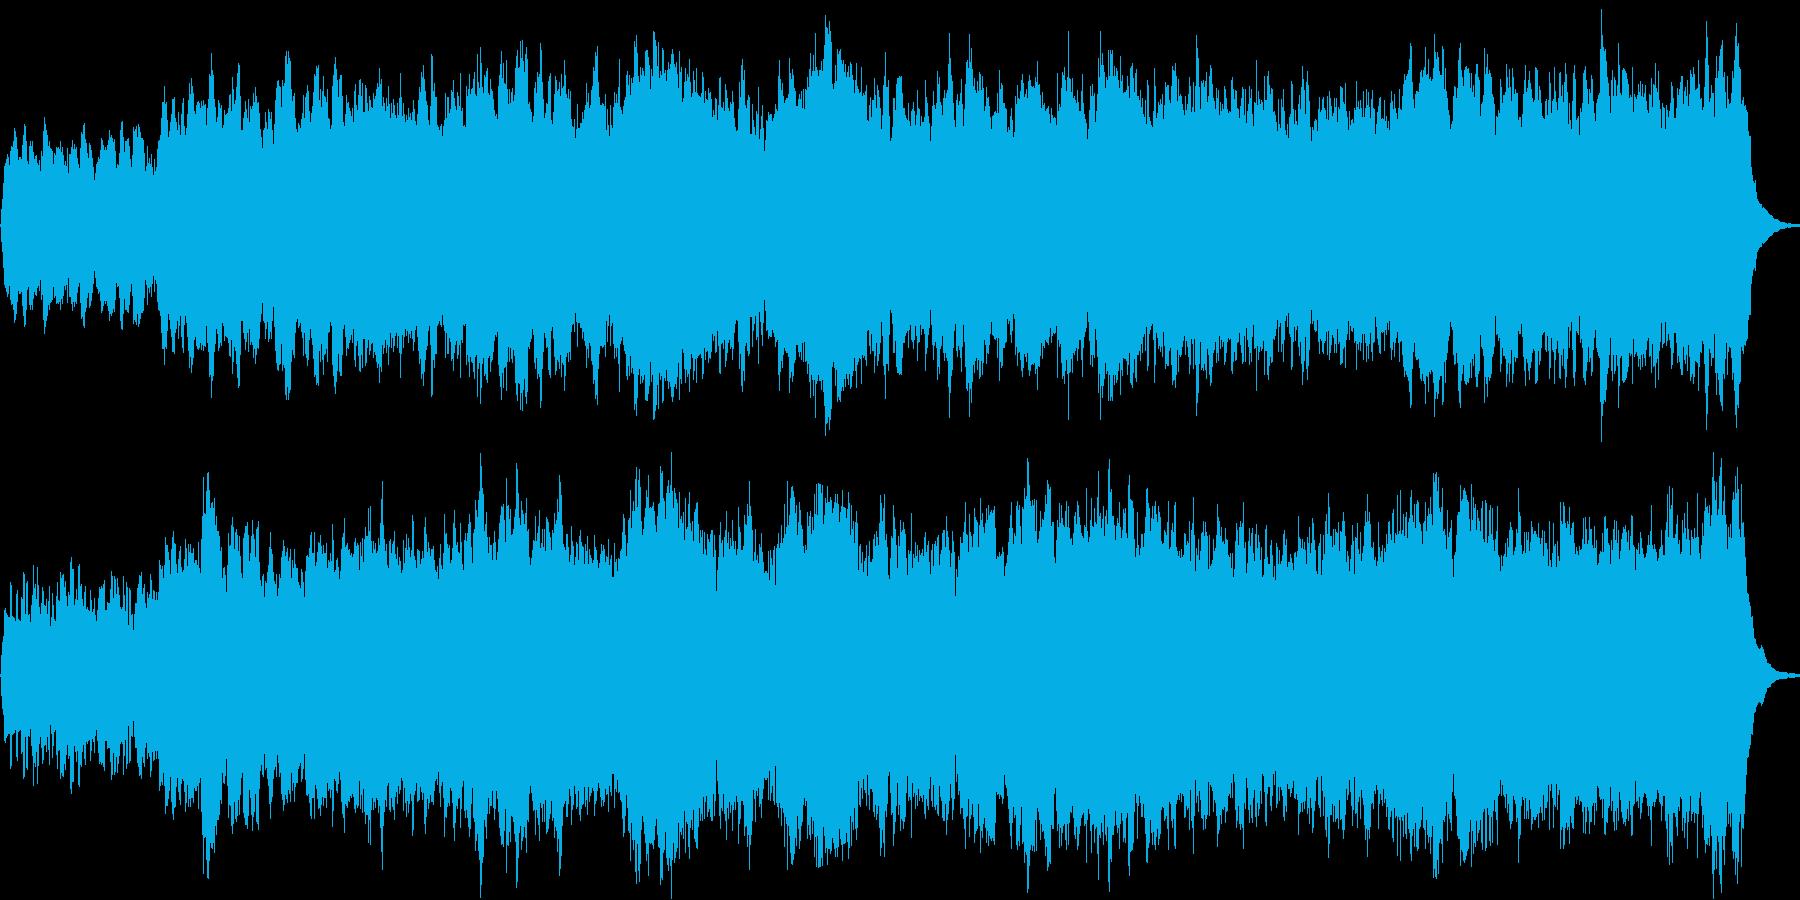 パイプオルガンの4重奏オリジナル曲の再生済みの波形